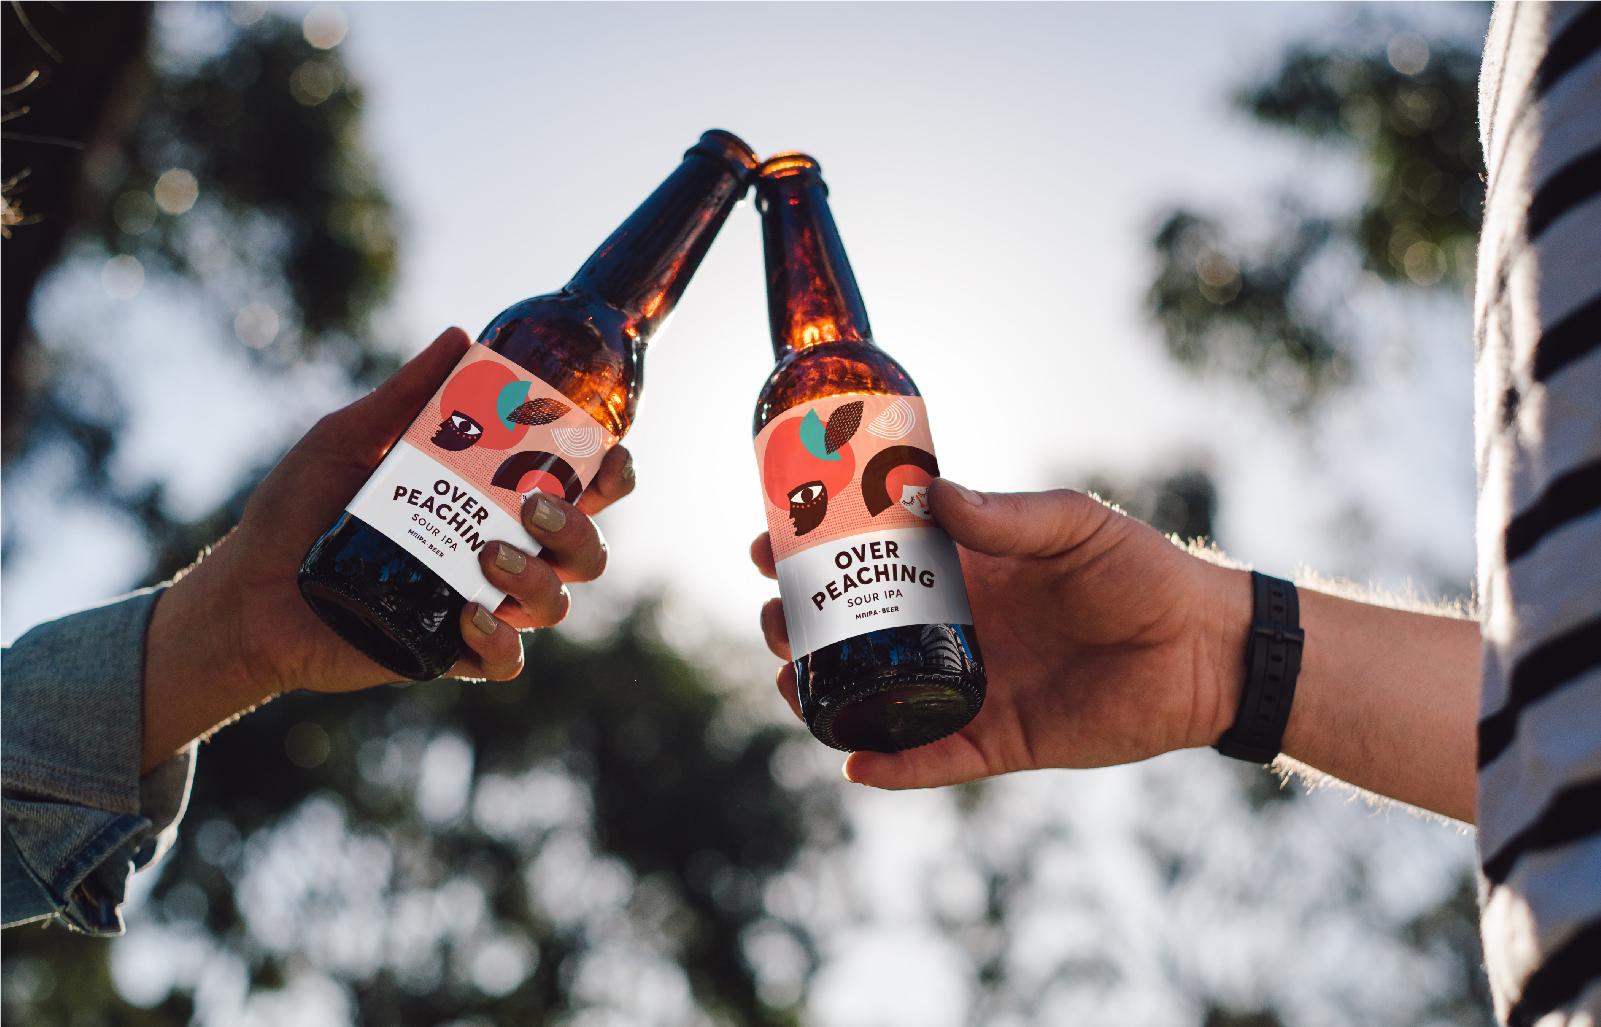 Overpeaching Beer – Sour IPA